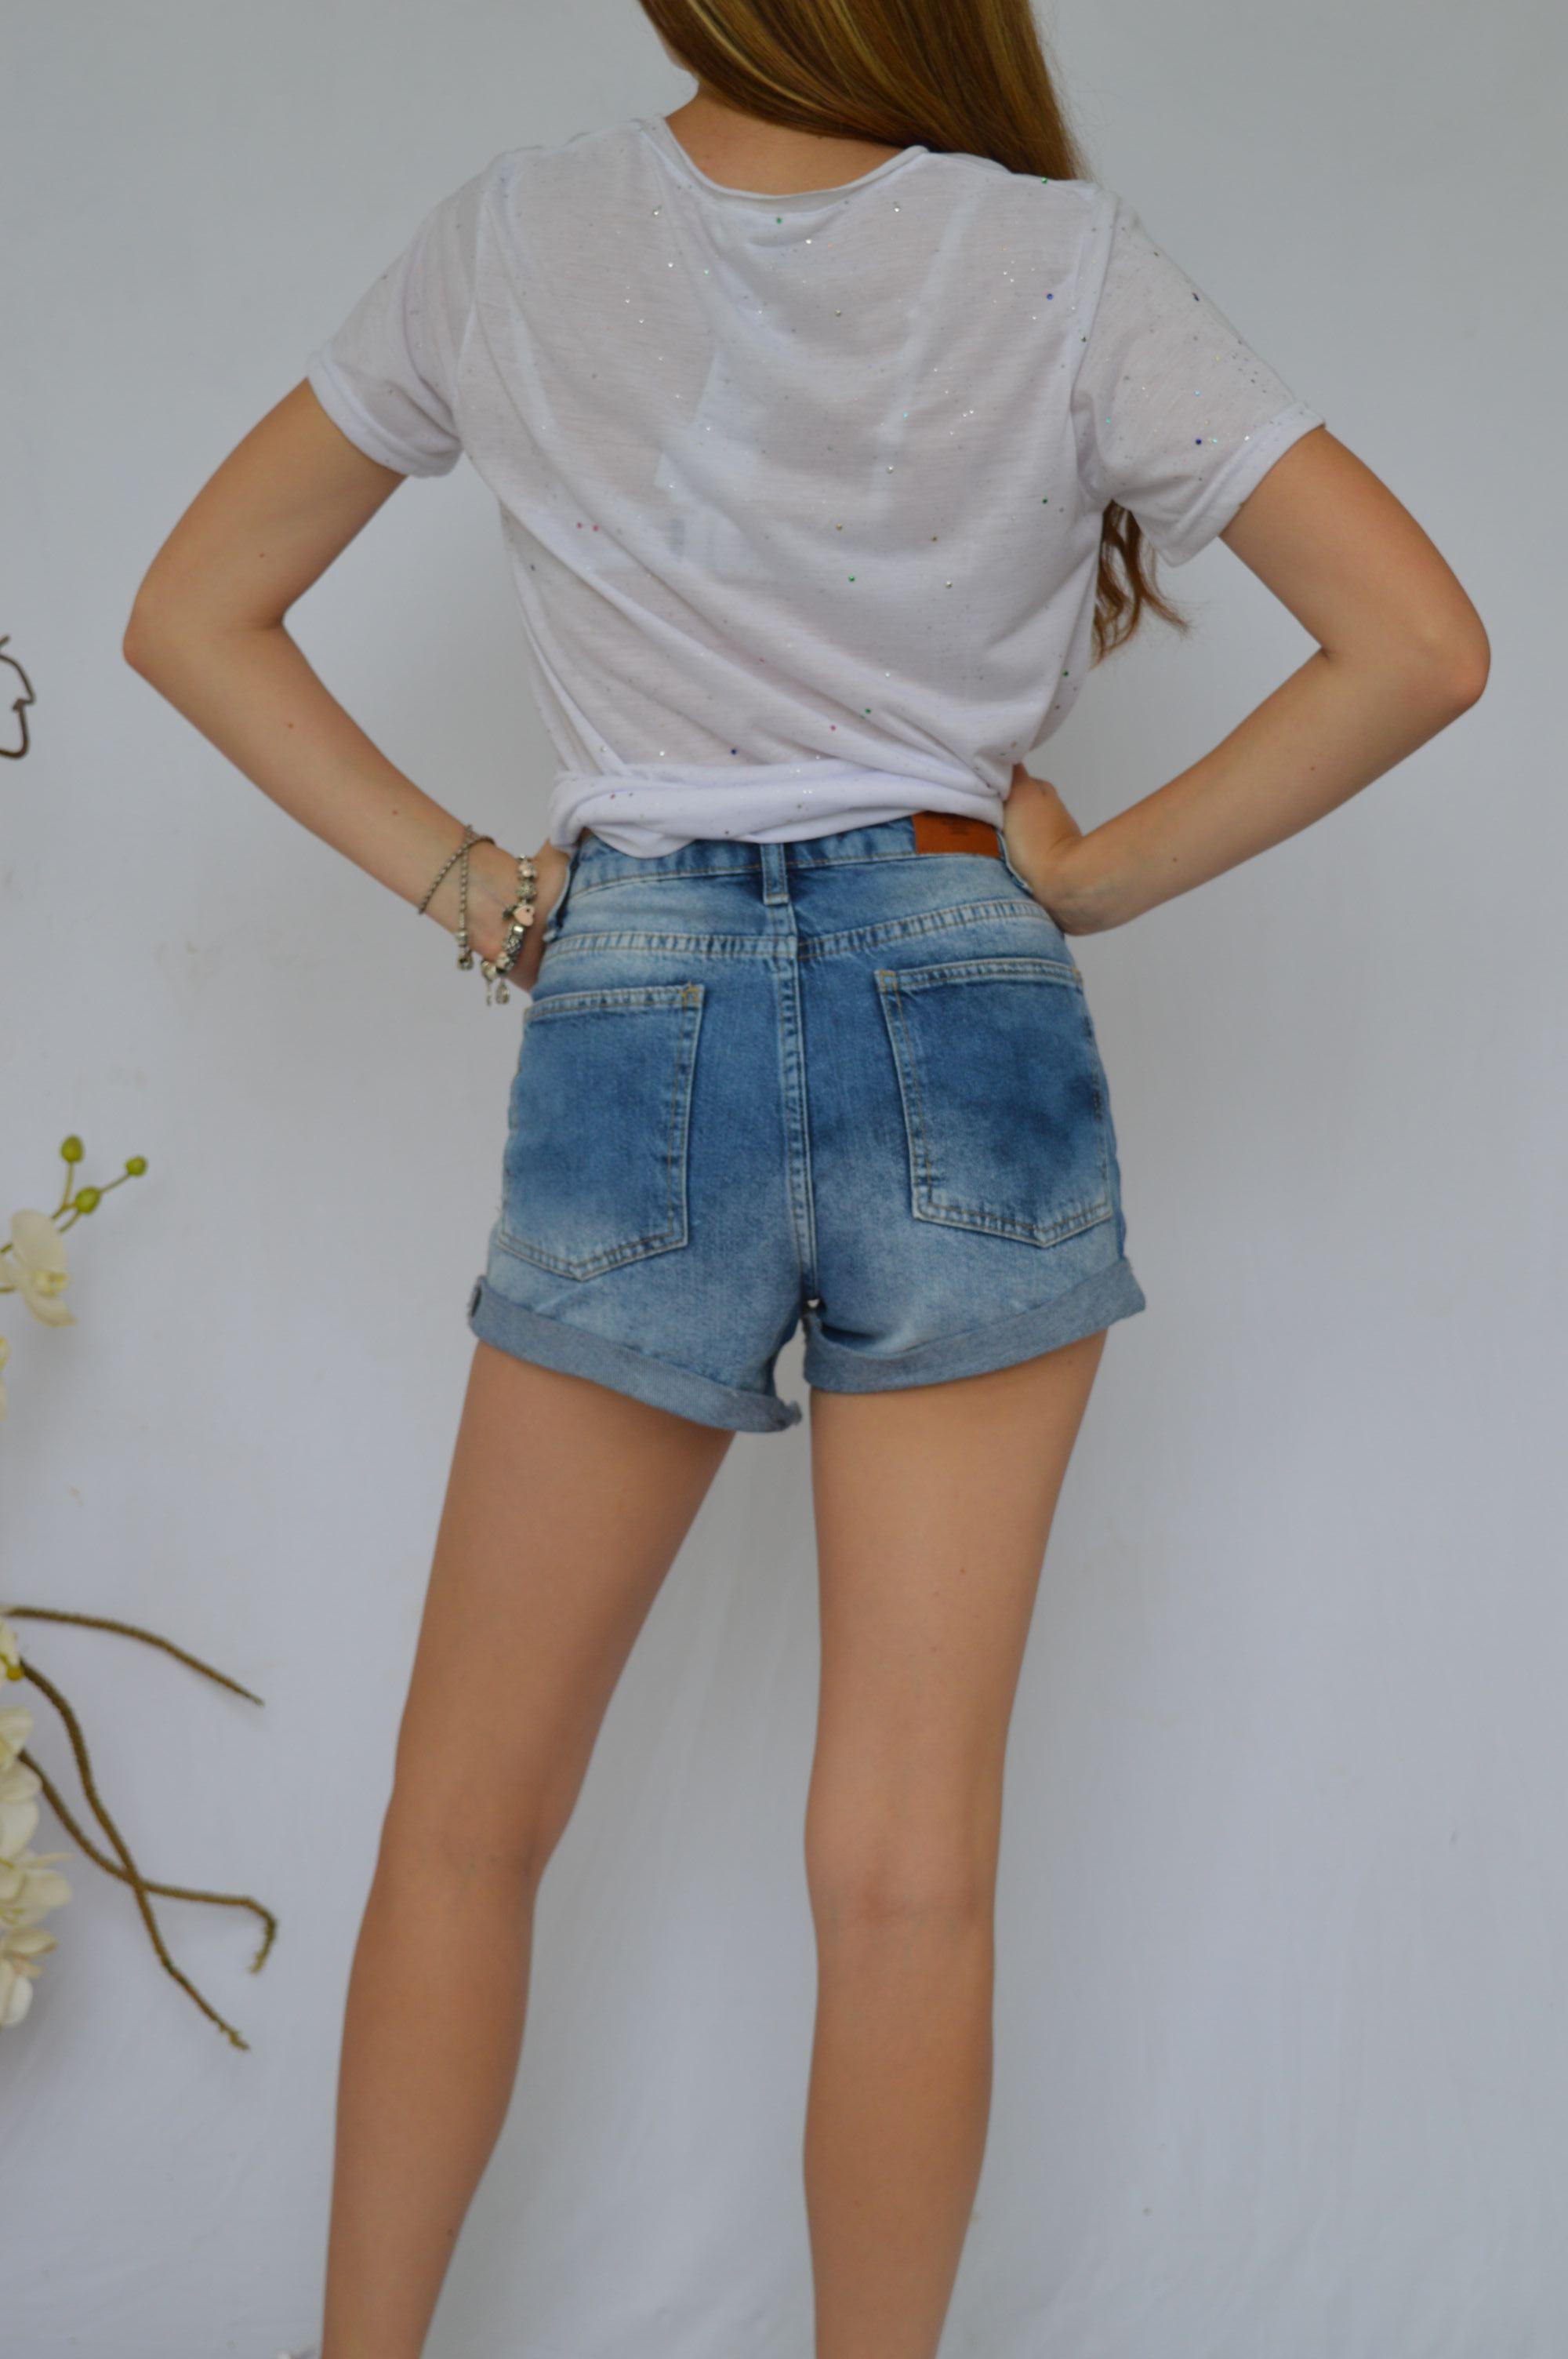 ג'ינס מארינס